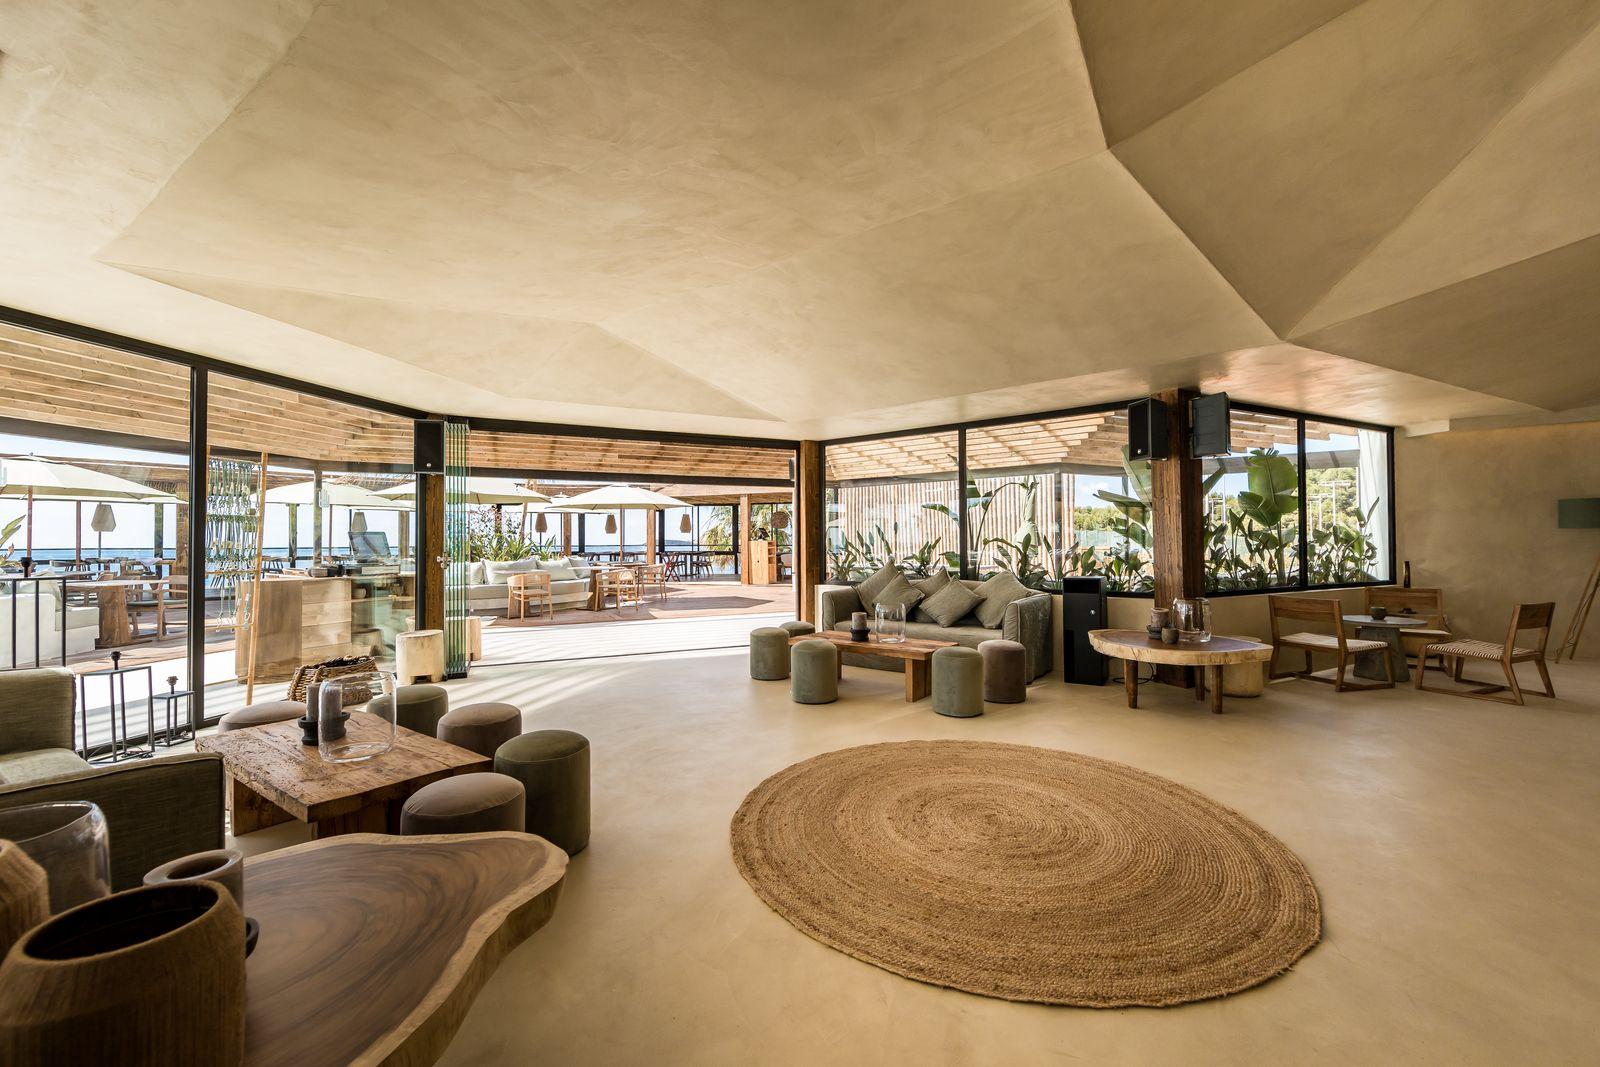 Diseño de Interiores: Archidom un estudio lujuoso y exclusivo diseño de interiores Diseño de Interiores: Archidom un estudio lujuoso y exclusivo Featured 14